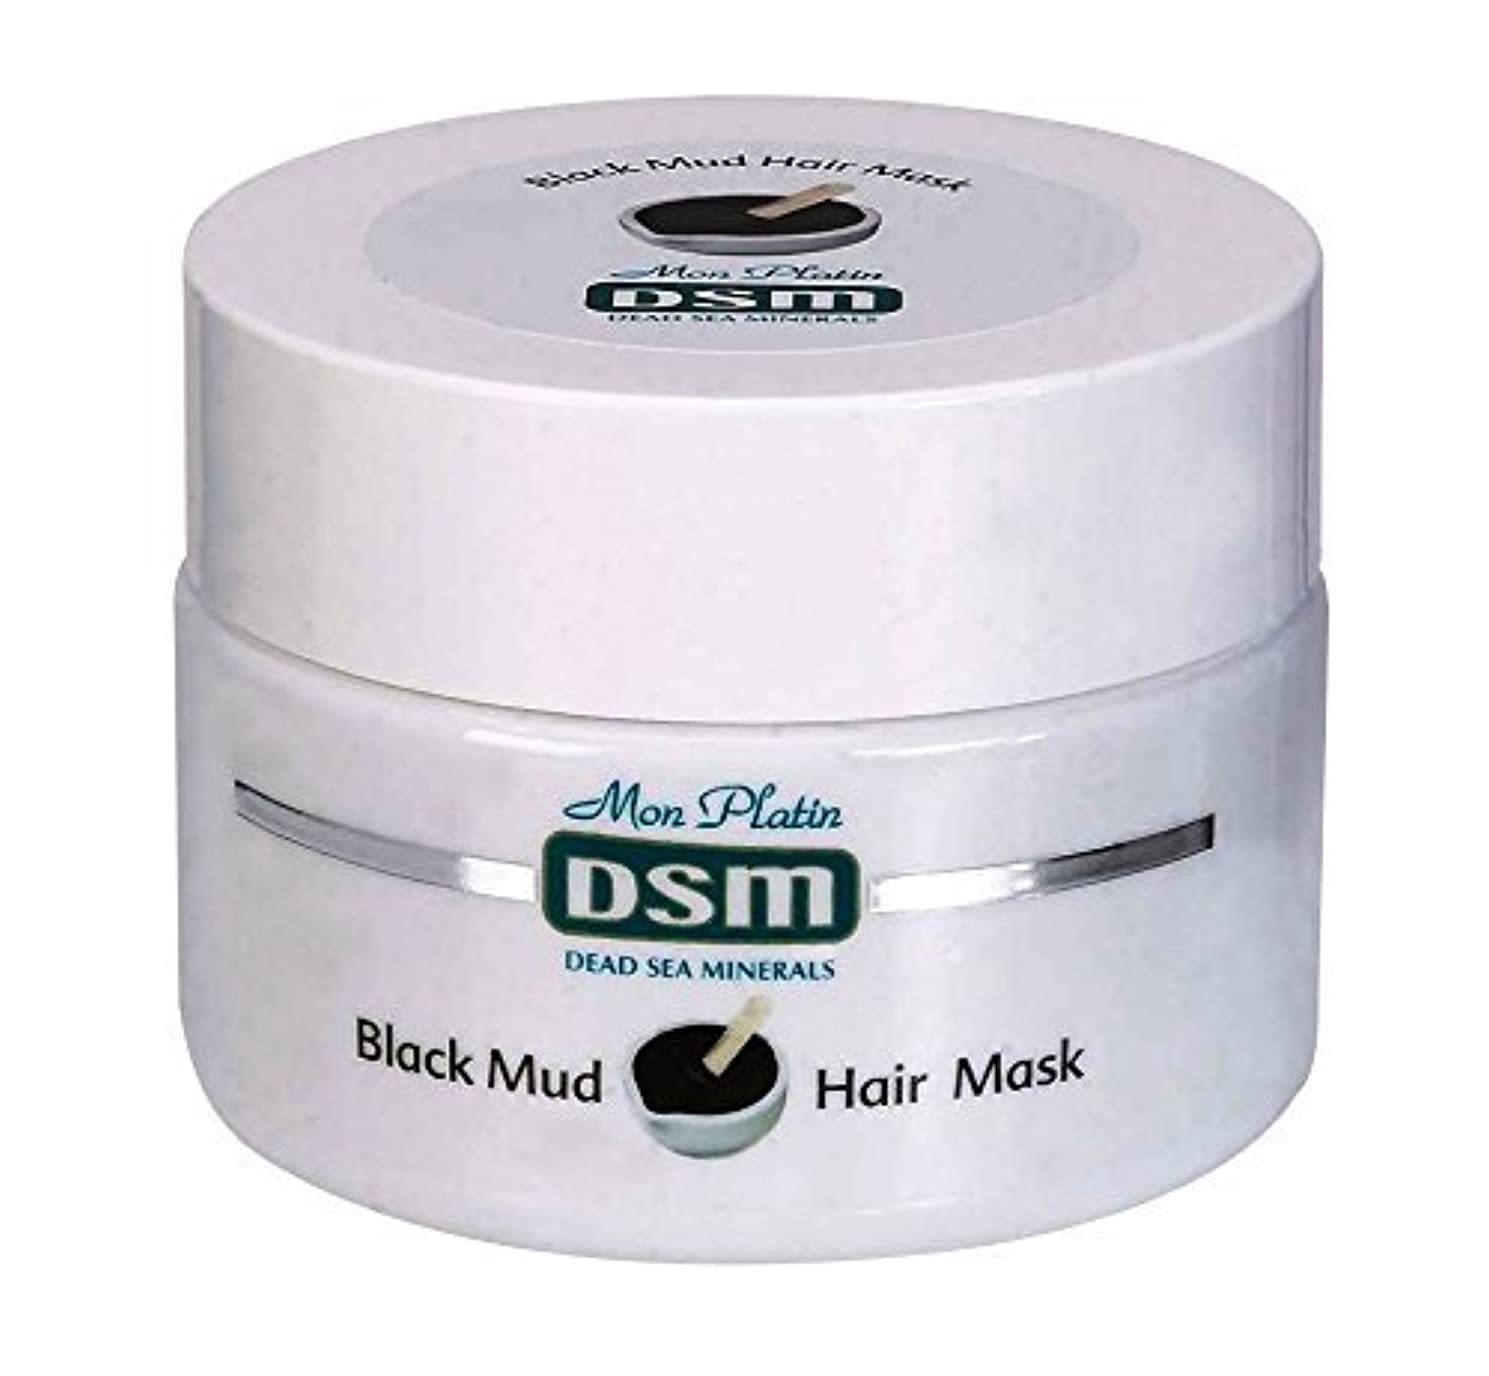 現れる雄弁家描写頭皮と髪のための髪の泥マスク 250mL 死海ミネラル 天然 お手入れ 美容 イスラエル 全皮膚タイプ ビタミン (Mud Hair Mask  for Scalp & Hair)